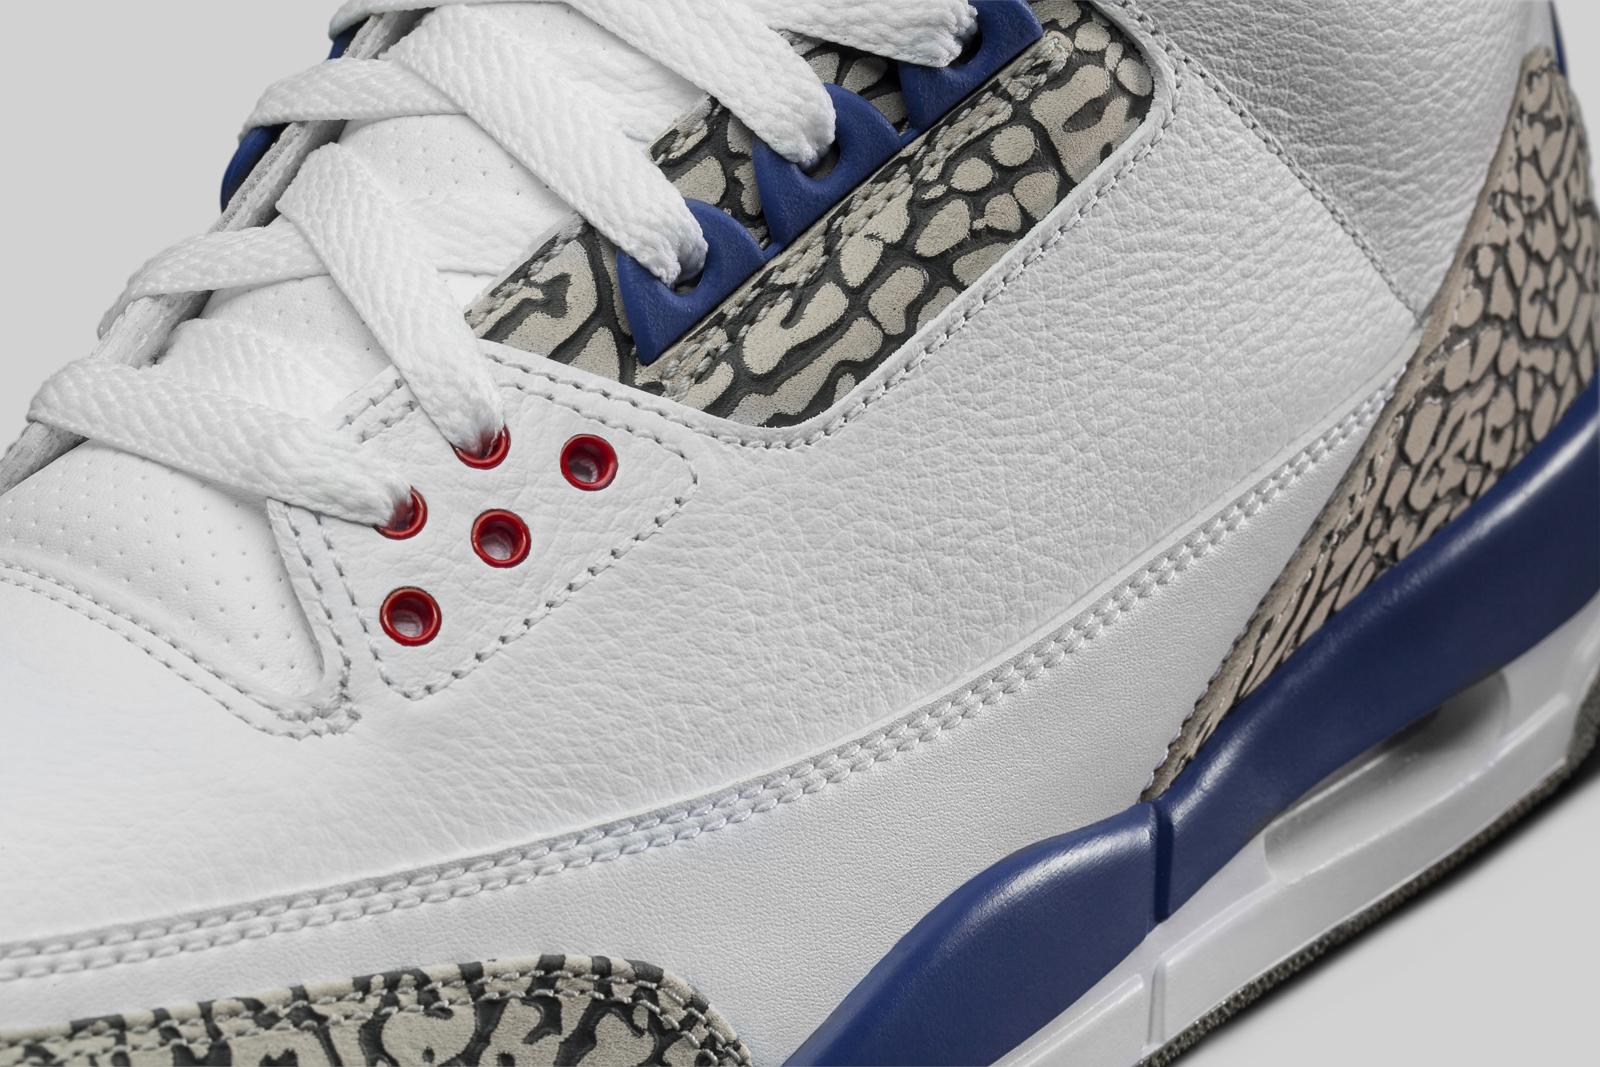 Nike Air Jordan Iii 1988 Mundo pPqdurh